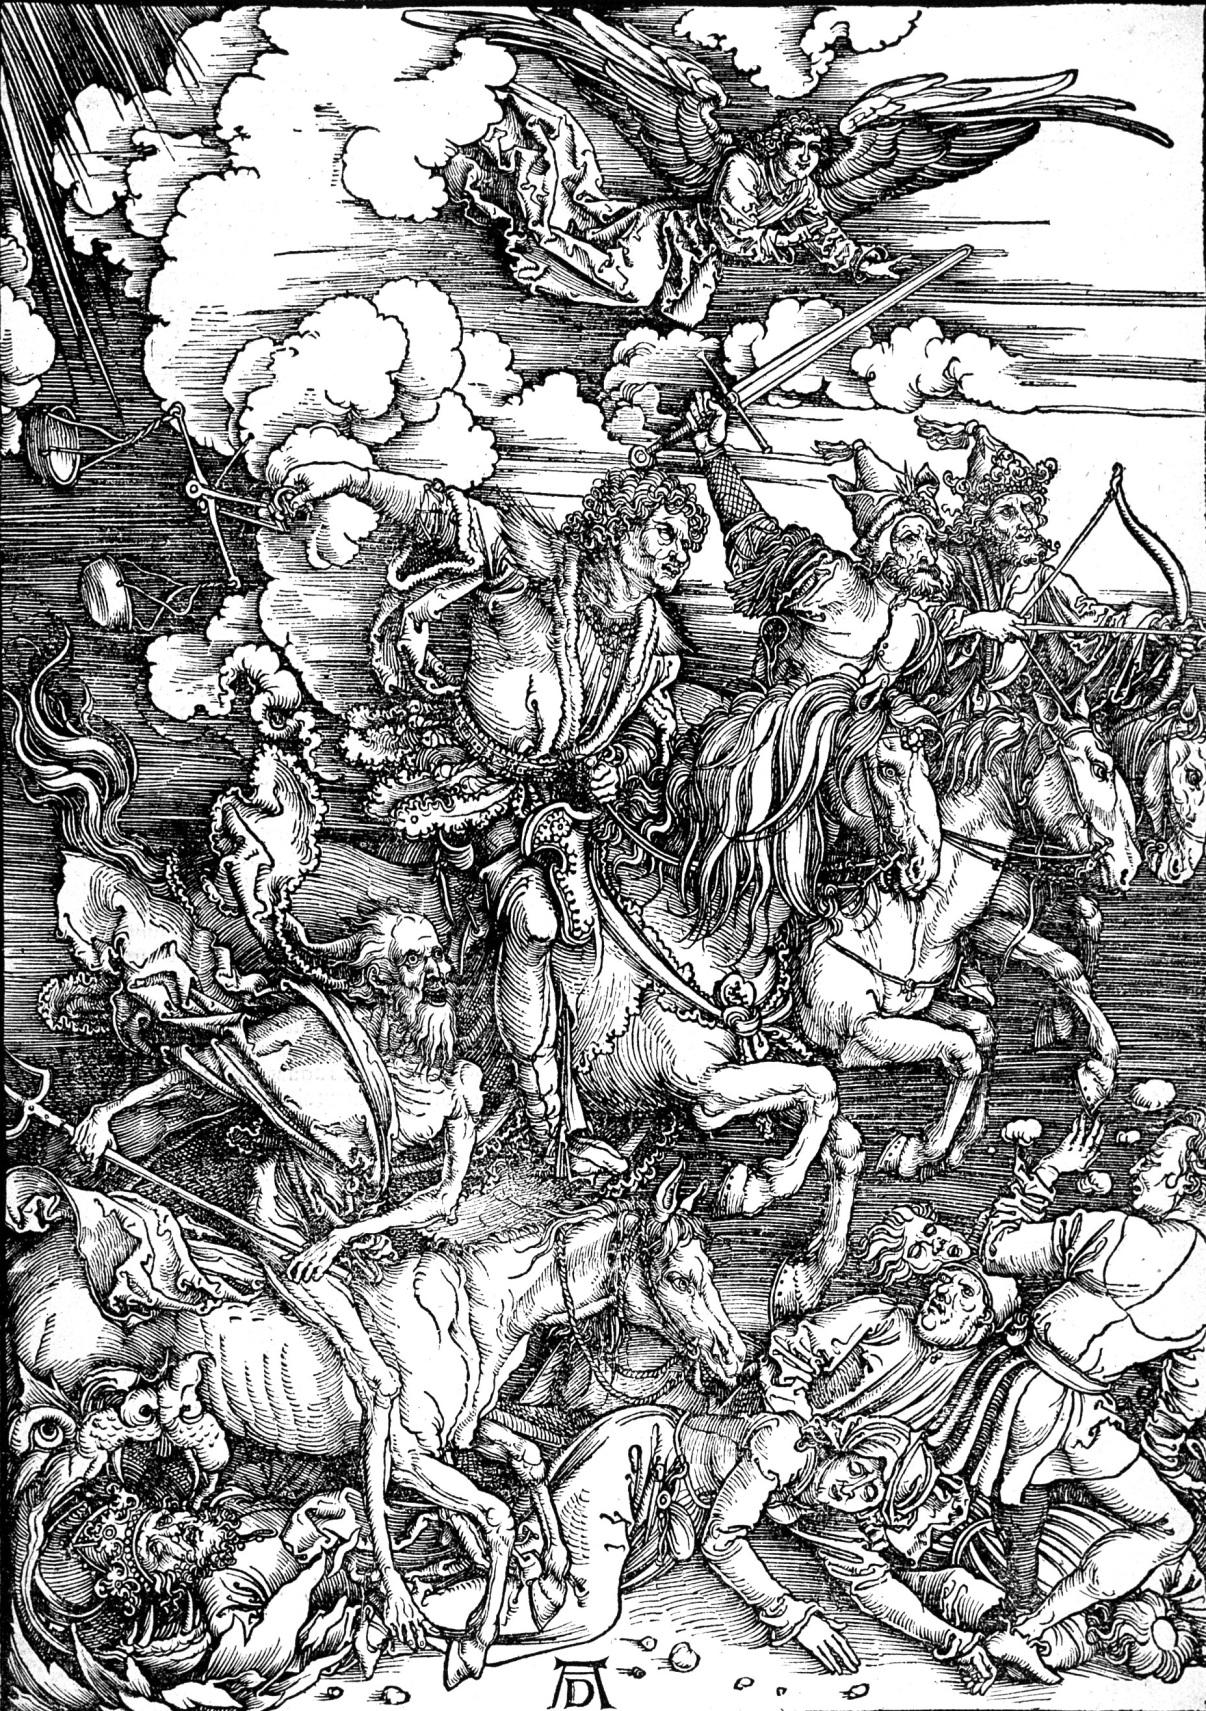 Dürers, Albrecht. Die Offenbarung des Johannes: 4. Die vier apokalyptischen Reiter, 1497-1498.